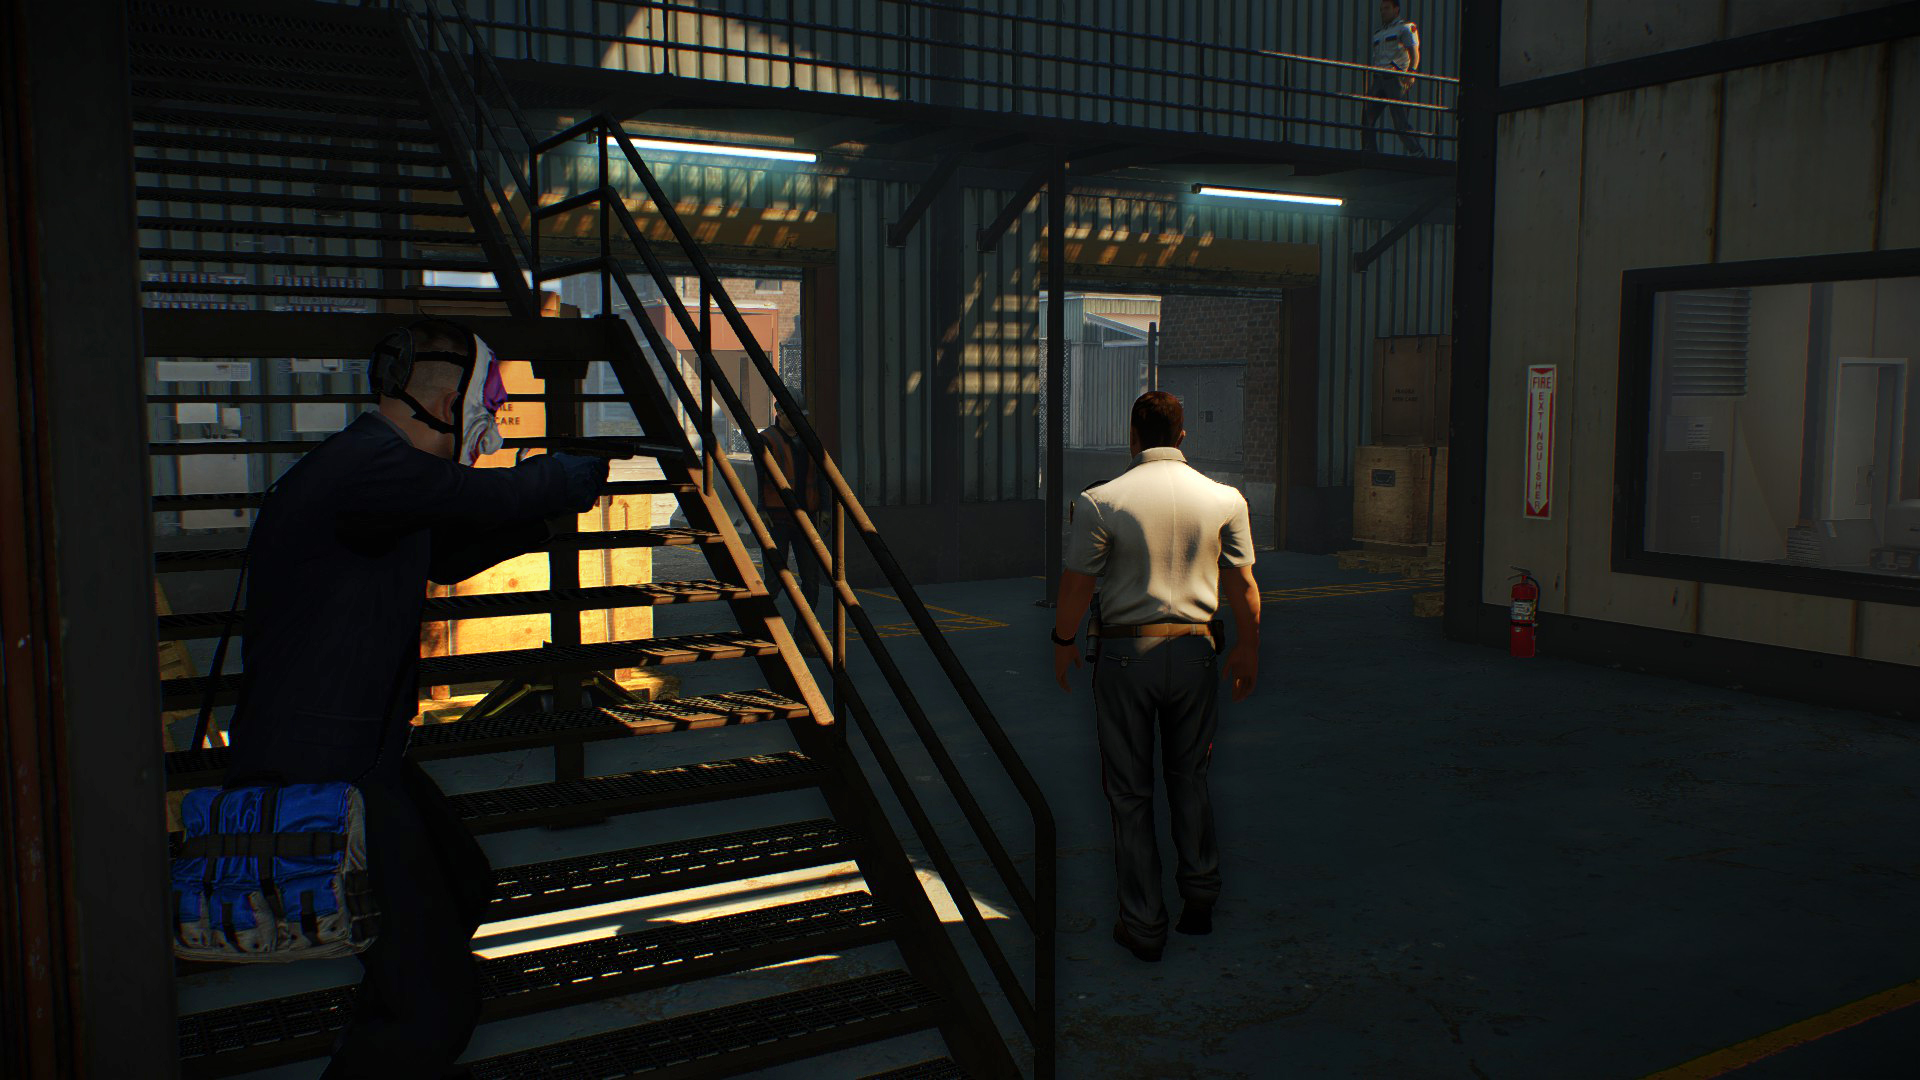 دانلود نسخه فشرده بازی PAYDAY 2 Breakfast in Tijuana Heist برای PC